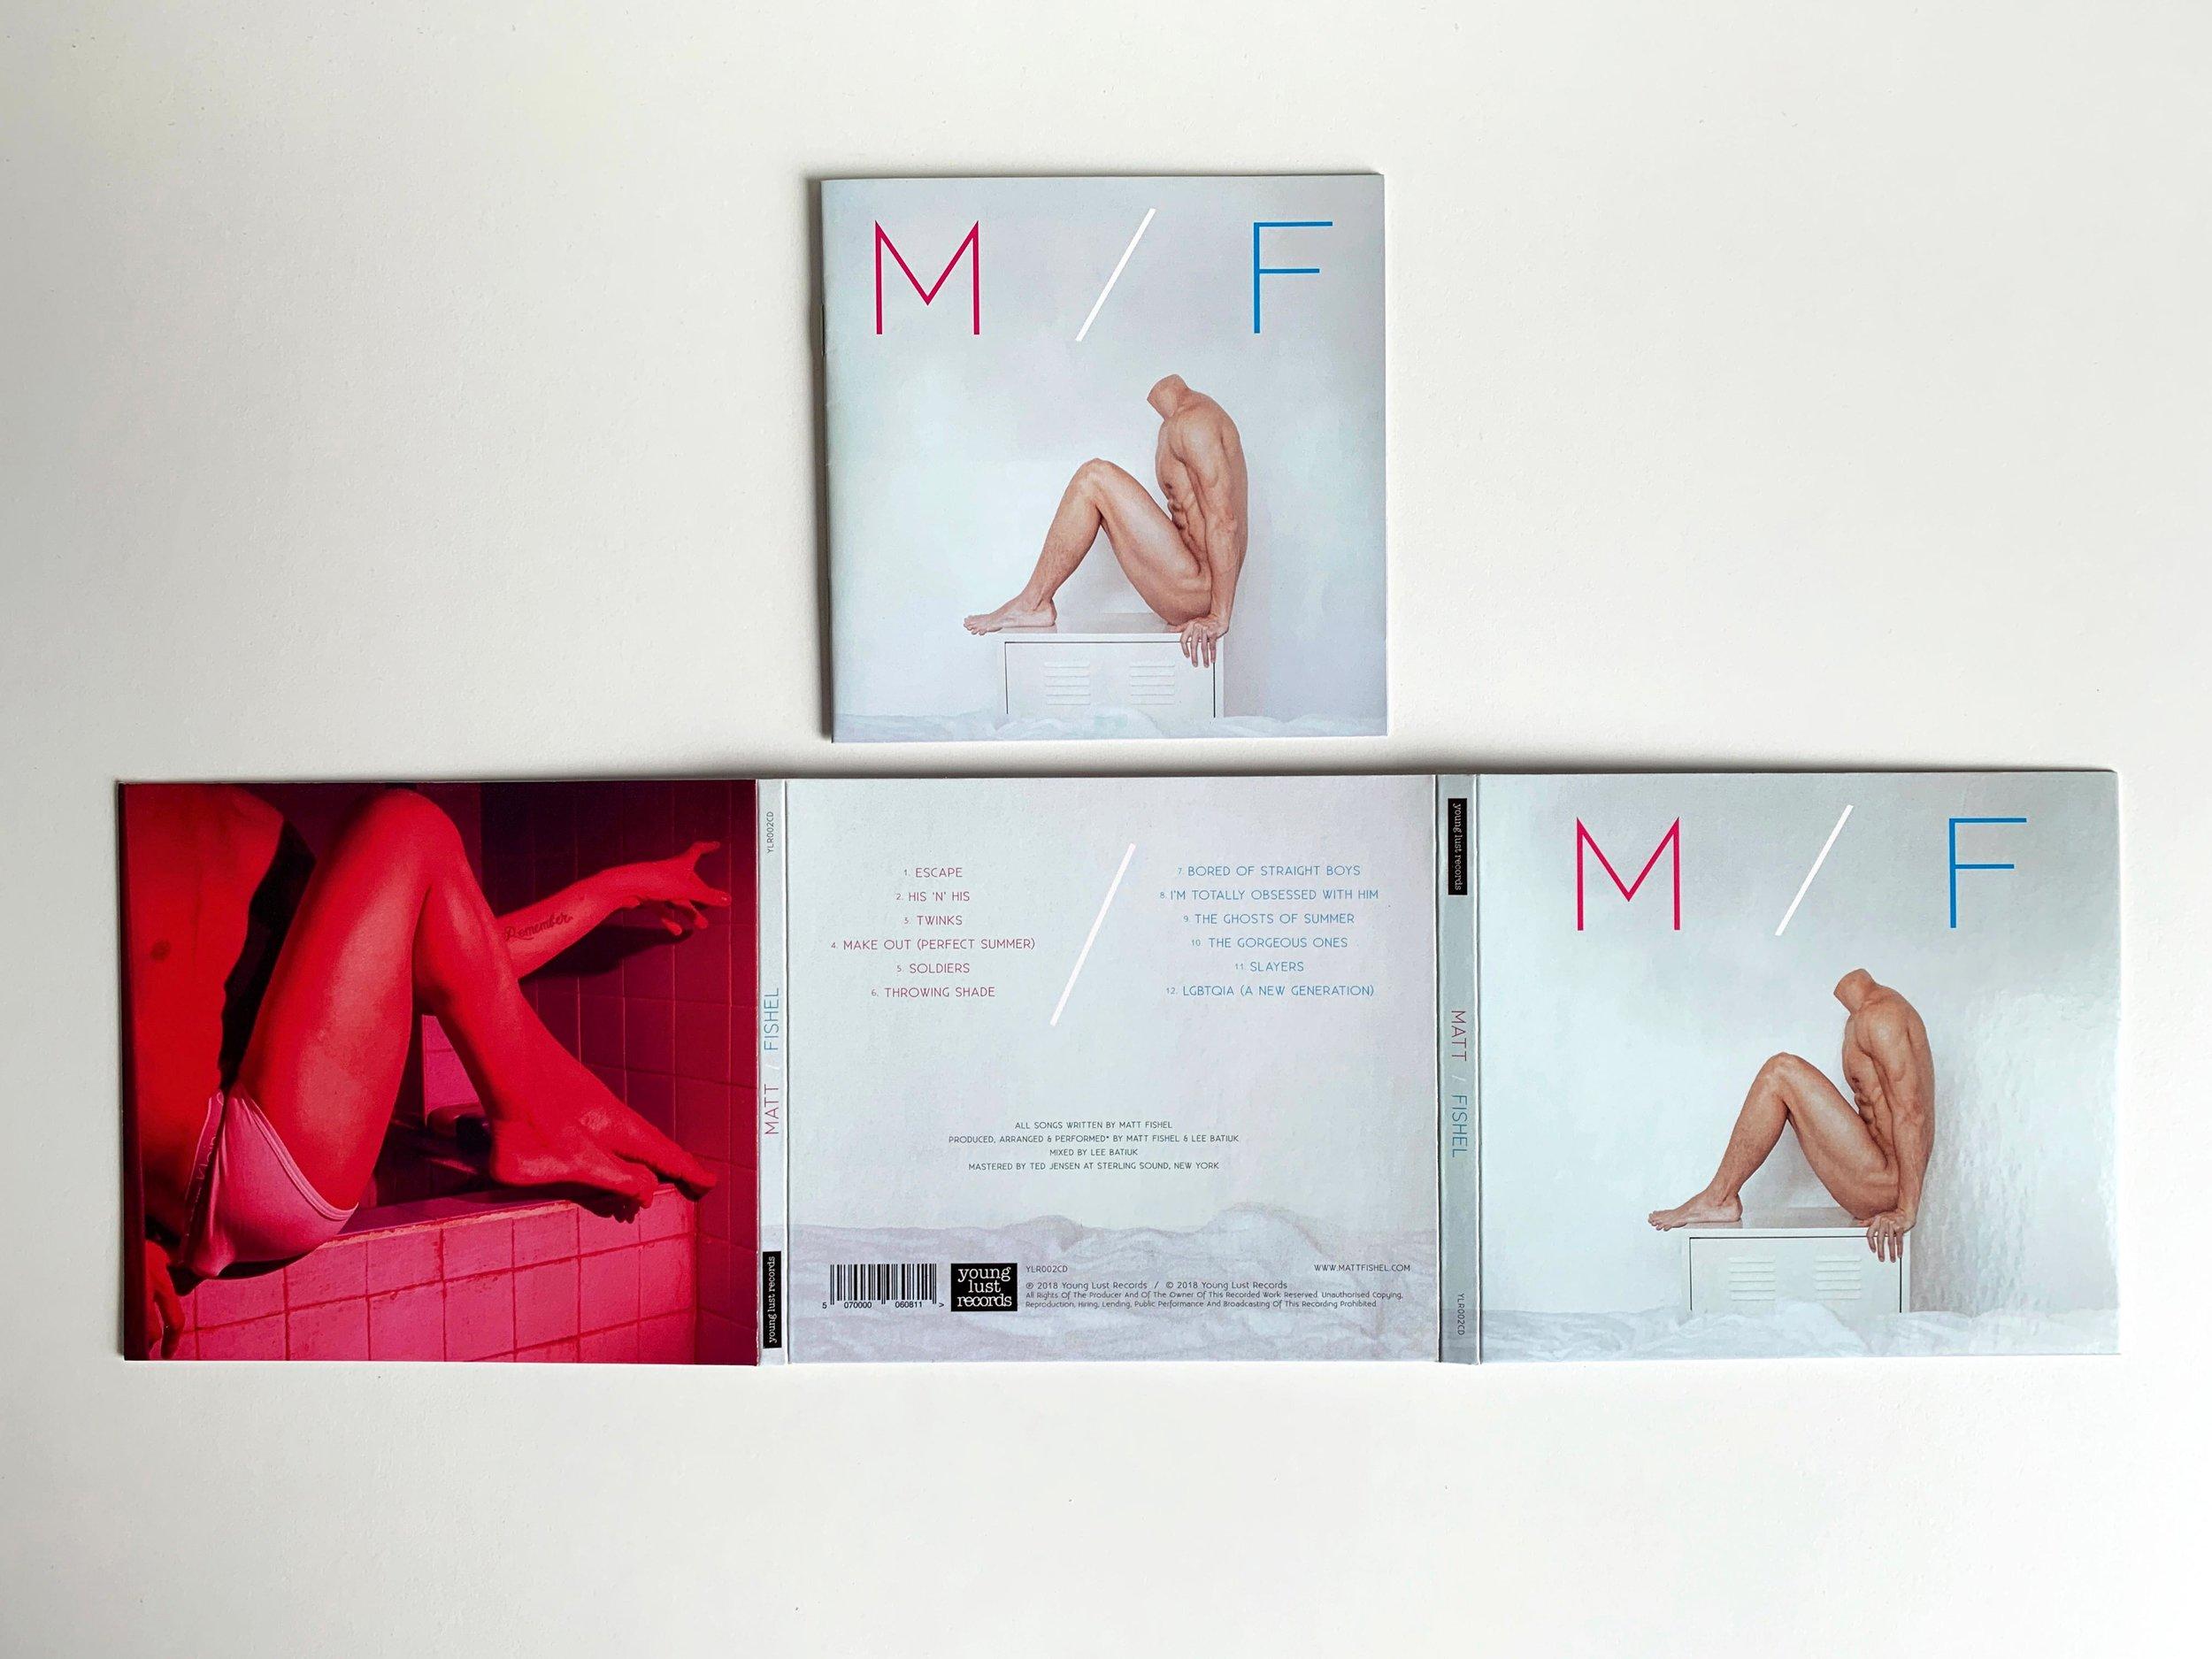 Matt-Fishel_MF_CD_01.jpg